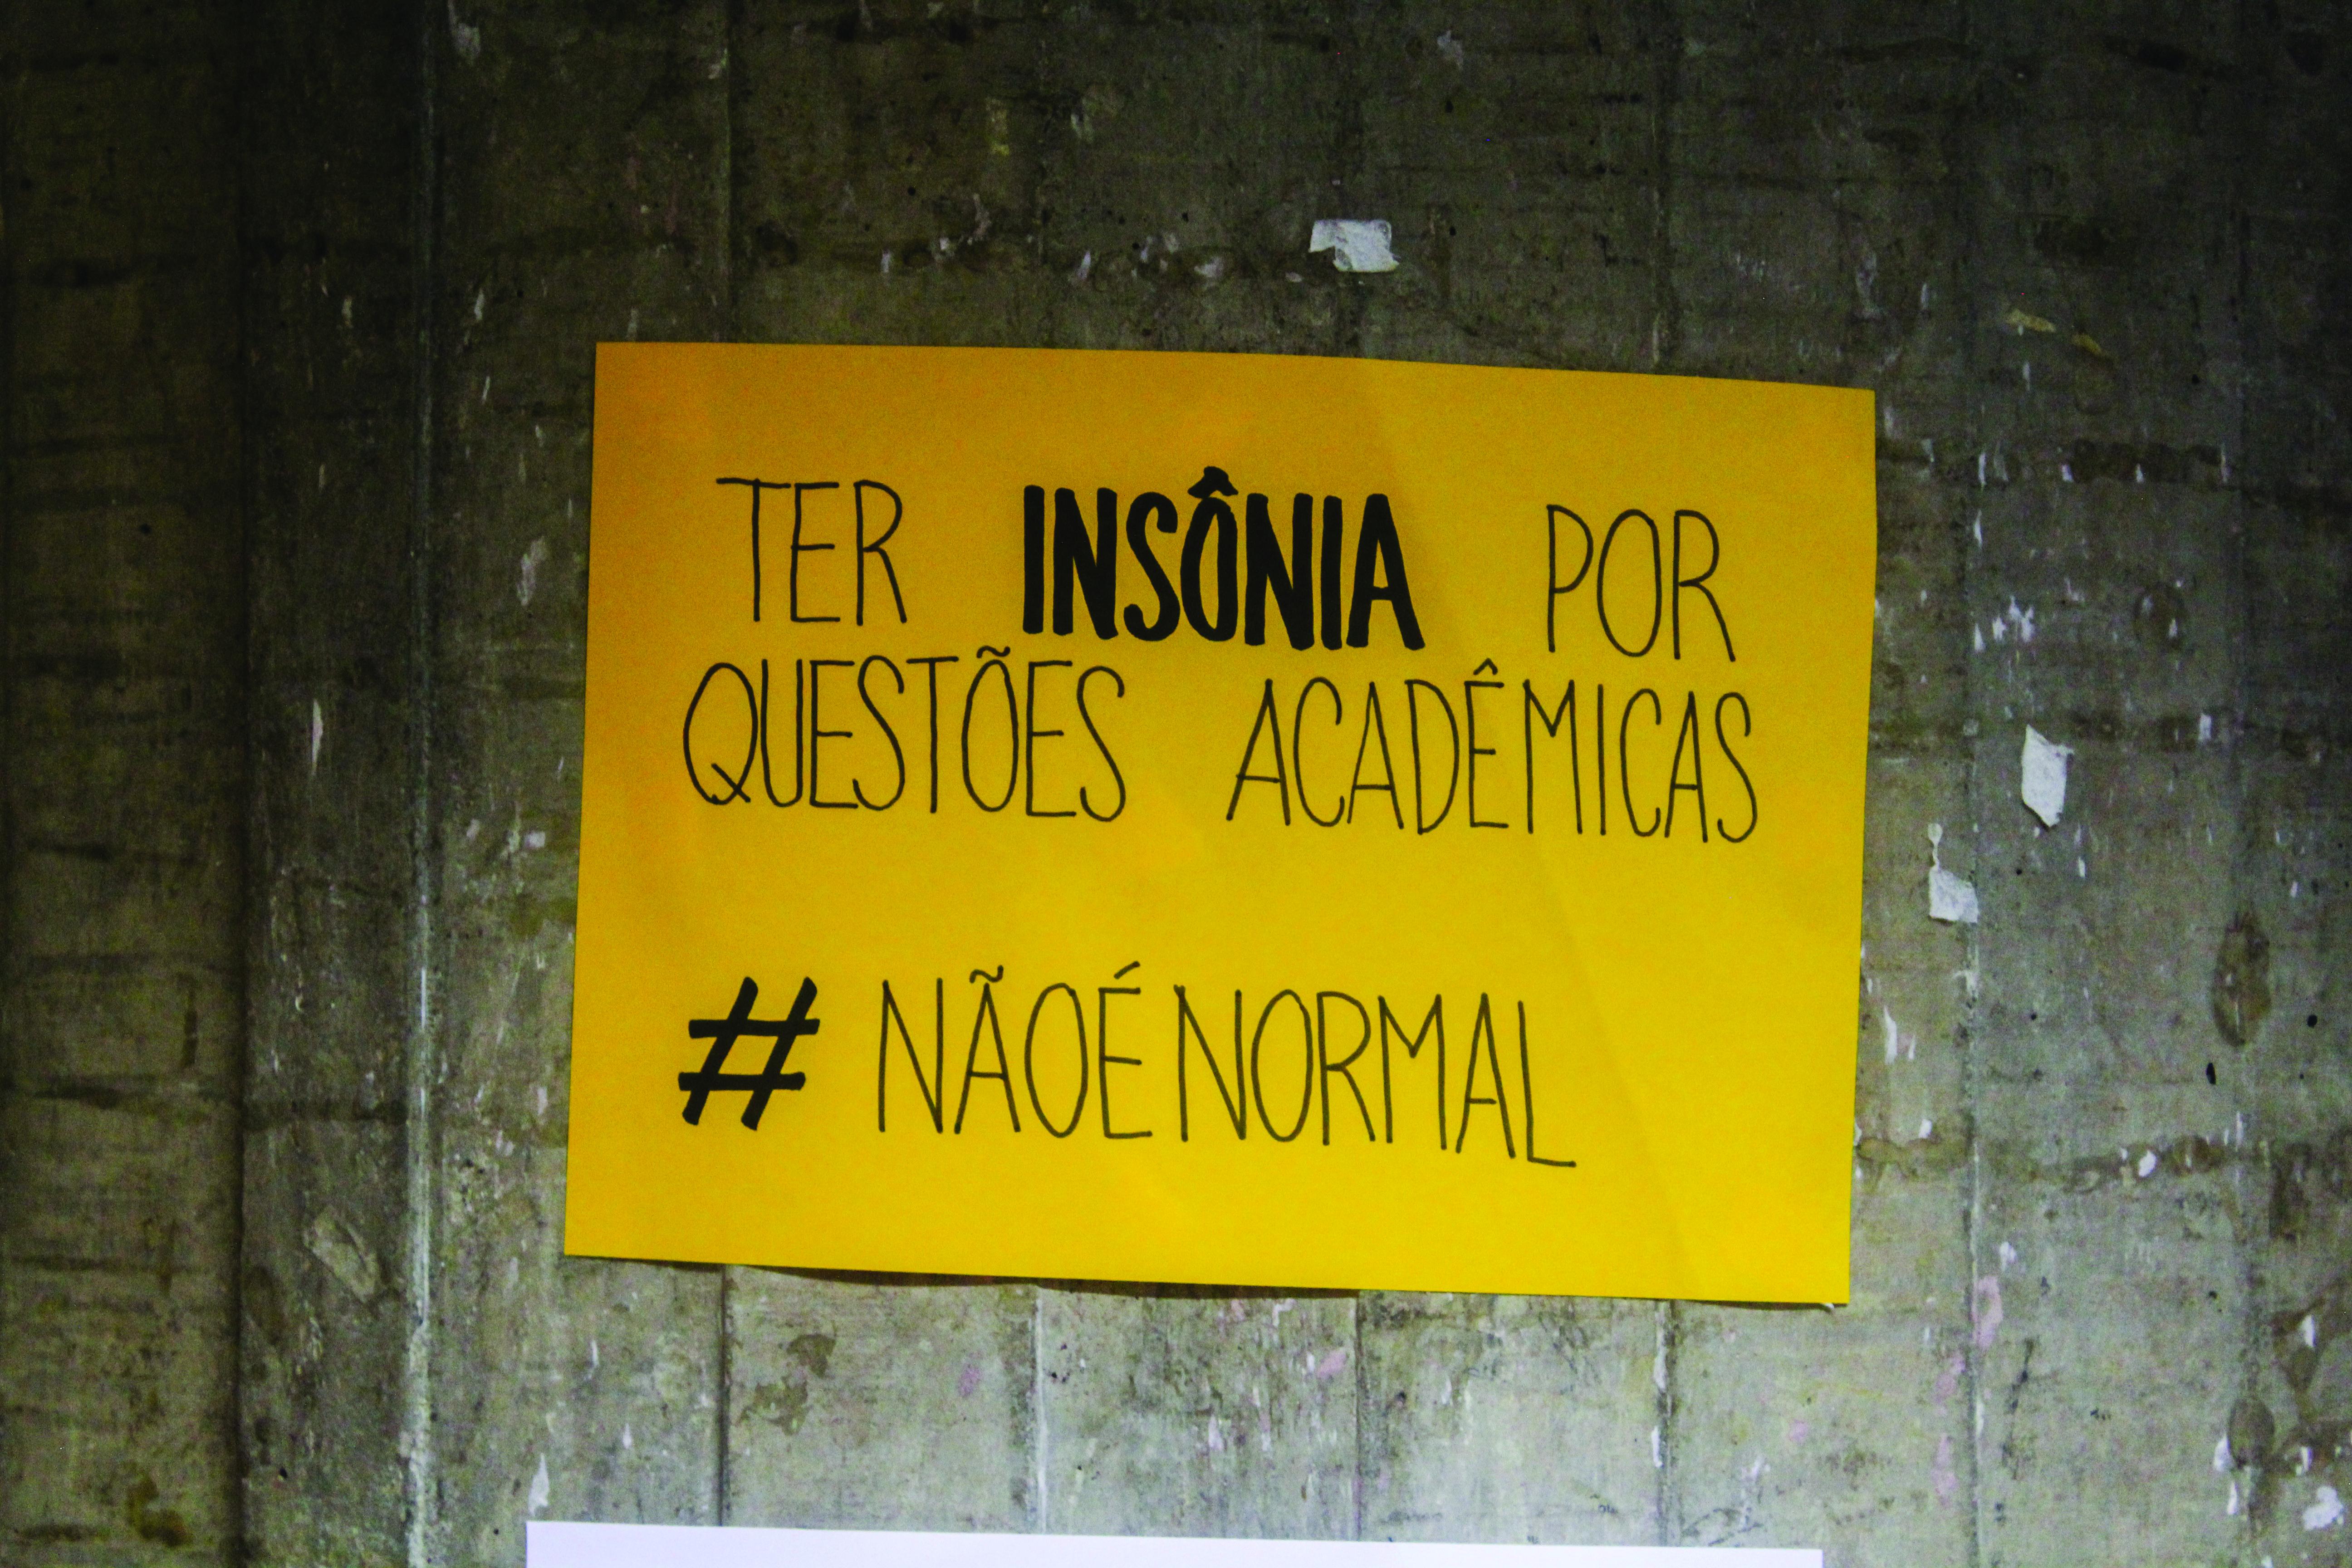 Ter insônia por questões acadêmicas (Foto: Ana Luisa Moraes)